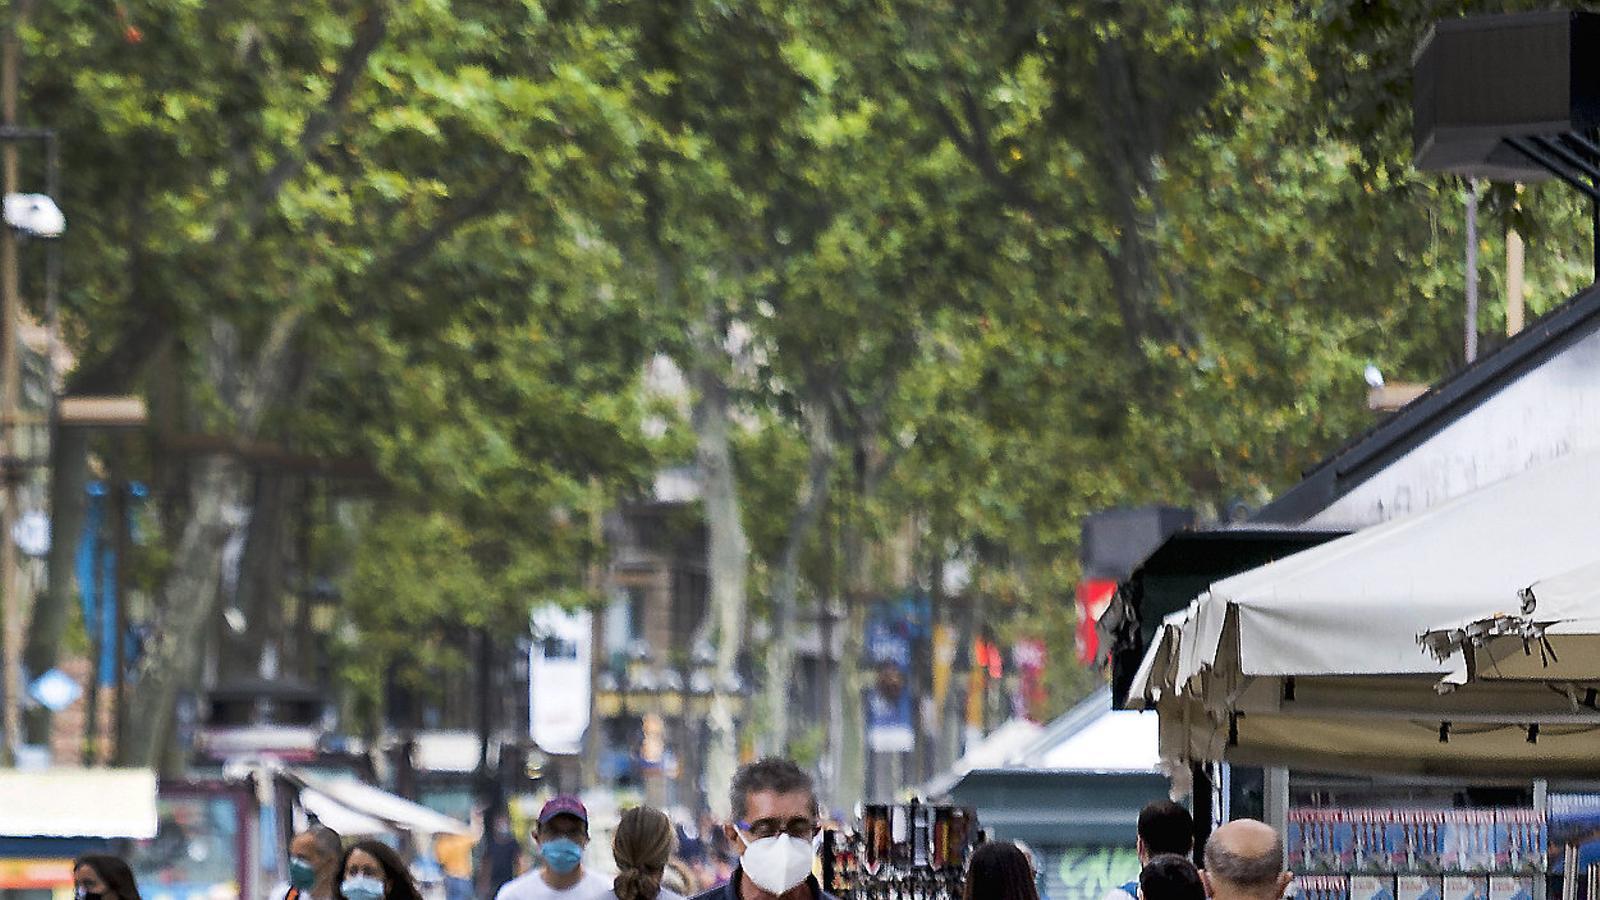 Diverses persones amb mascareta, una de les mesures per la pandèmia del covid-19, passejant per la Rambla de Barcelona en una imatge recent.